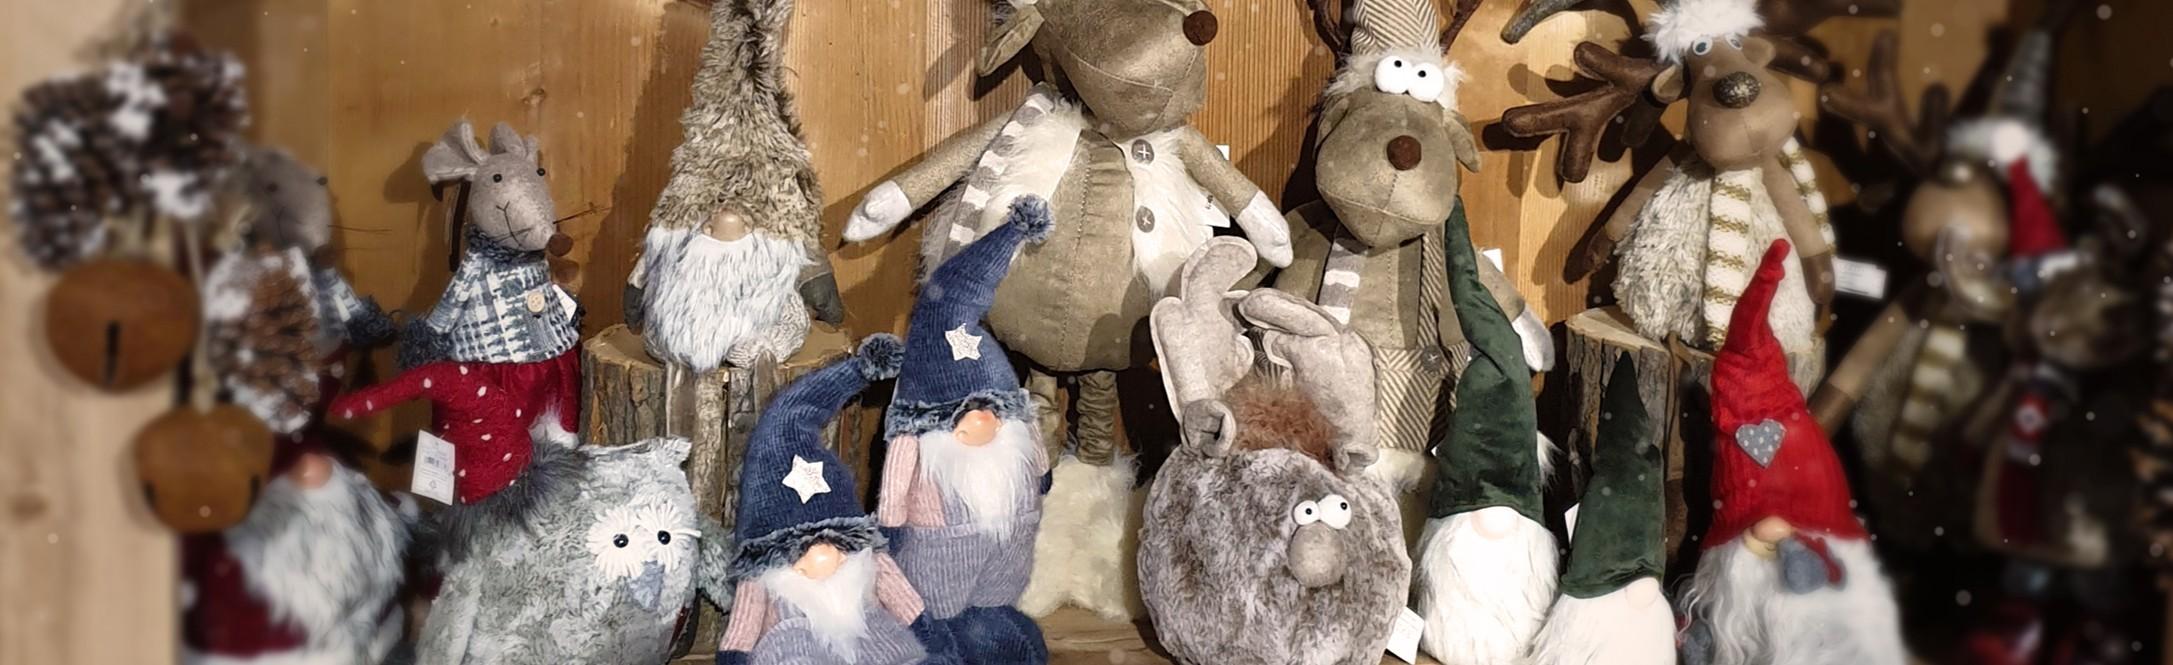 Alsace Boutique - Gnomes, Lutins et Figurines de Noël